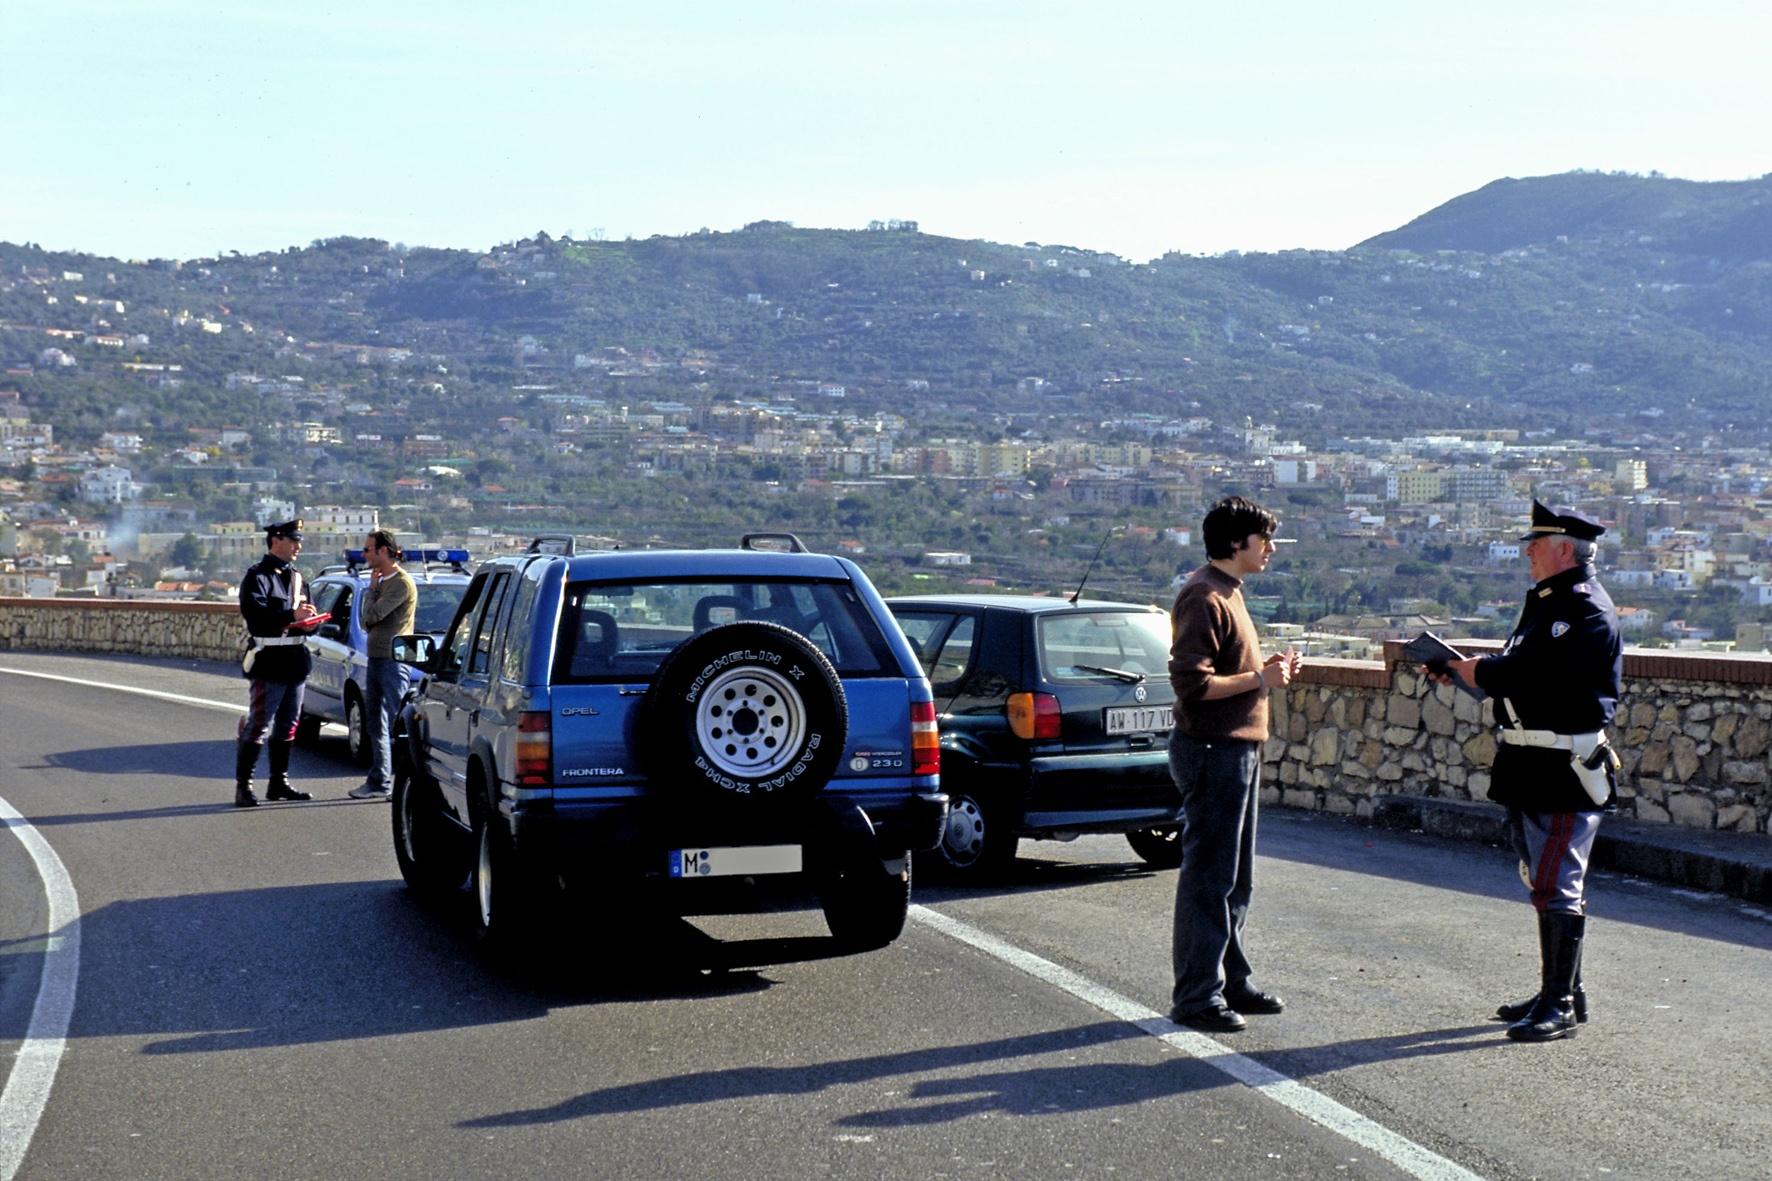 Teures Vergnügen: Mit dem Miet- oder Carsharing-Auto auf Knöllchenjagd